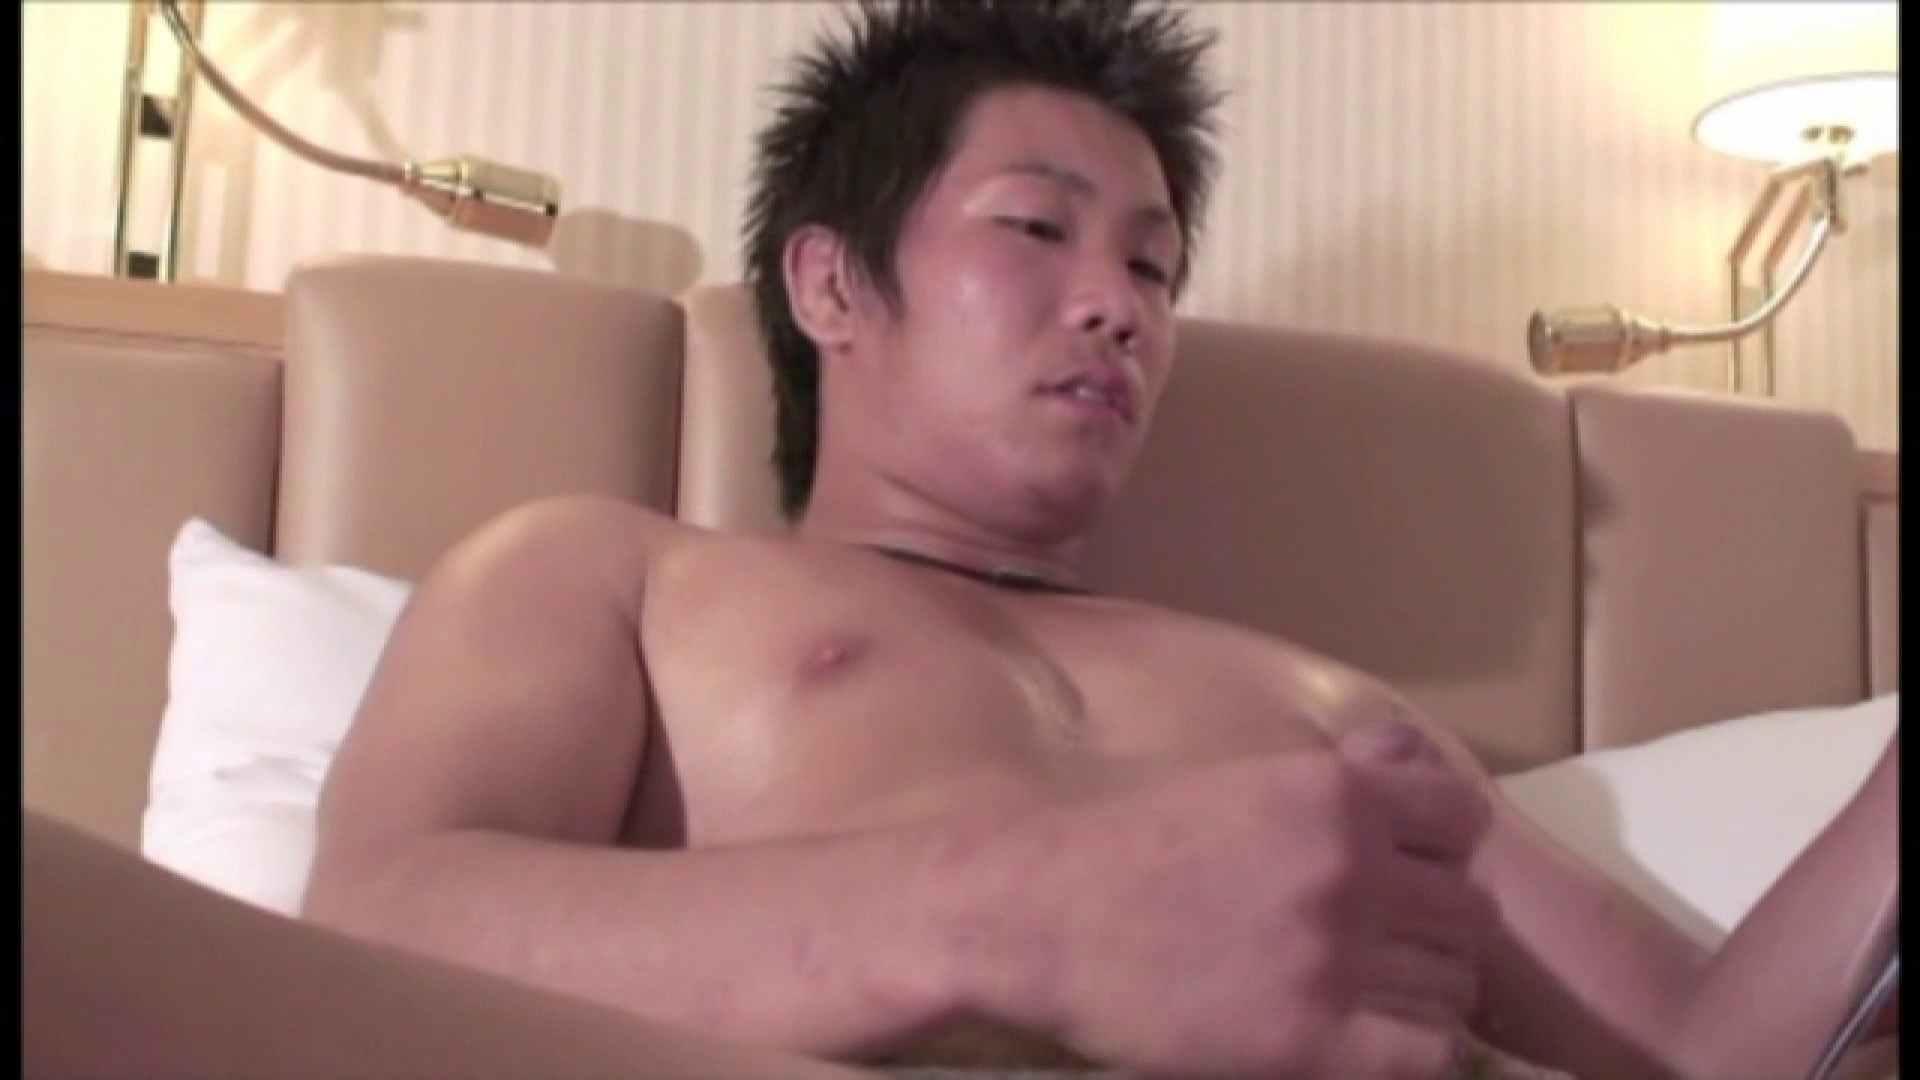 ノンケイケメンの欲望と肉棒 Vol.25 ノンケ ゲイアダルト画像 40連発 38